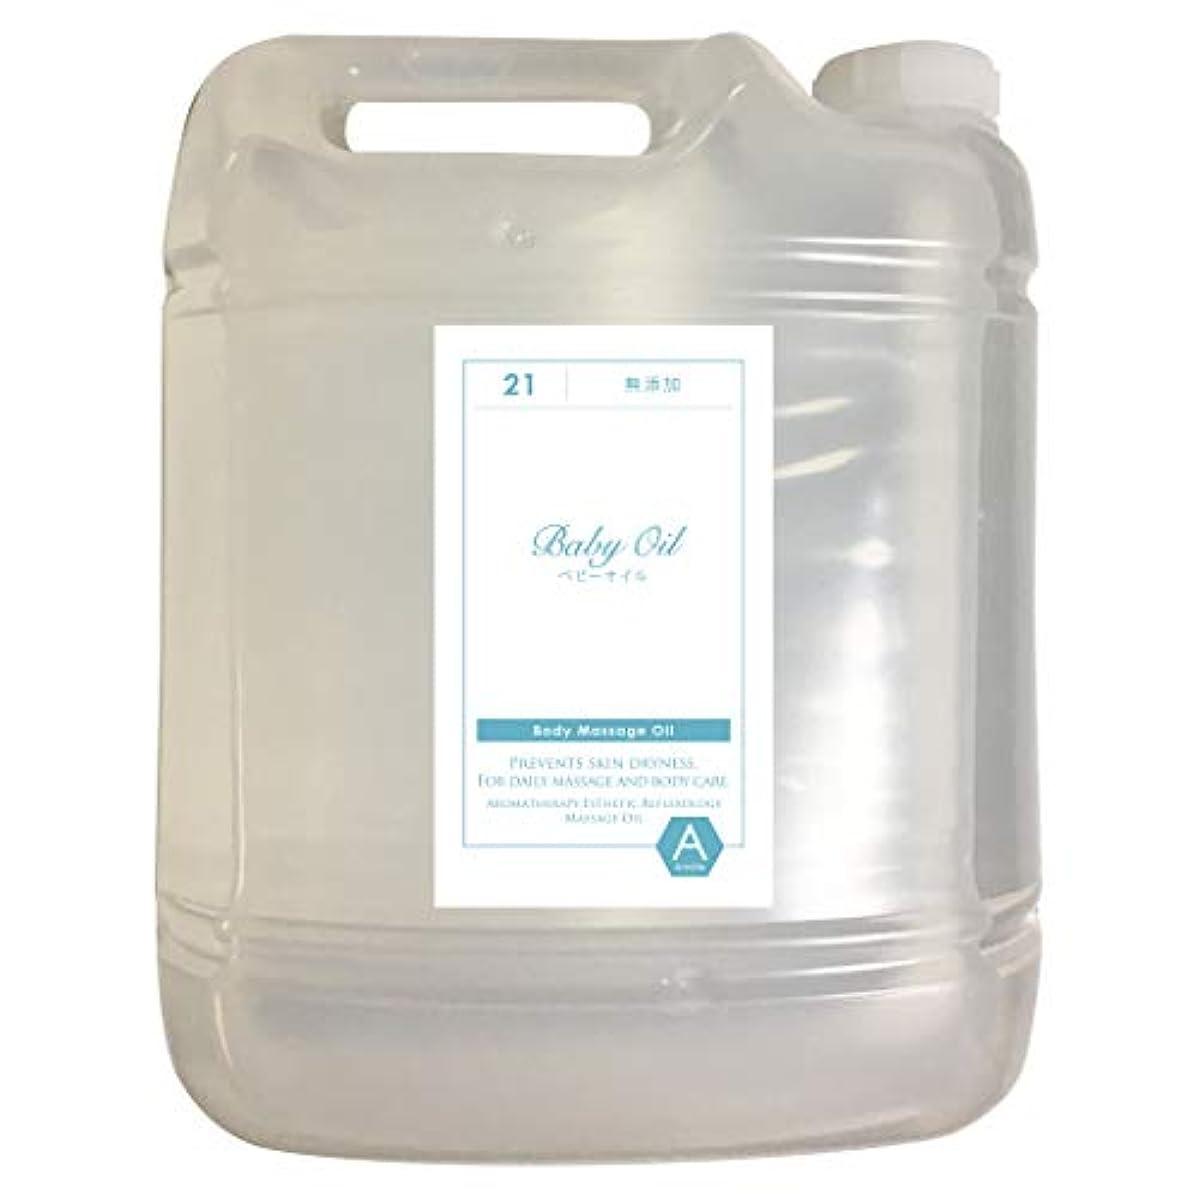 セージささいな水素無添加ベビーオイル(無香料)業務用サイズマッサージオイル 5L